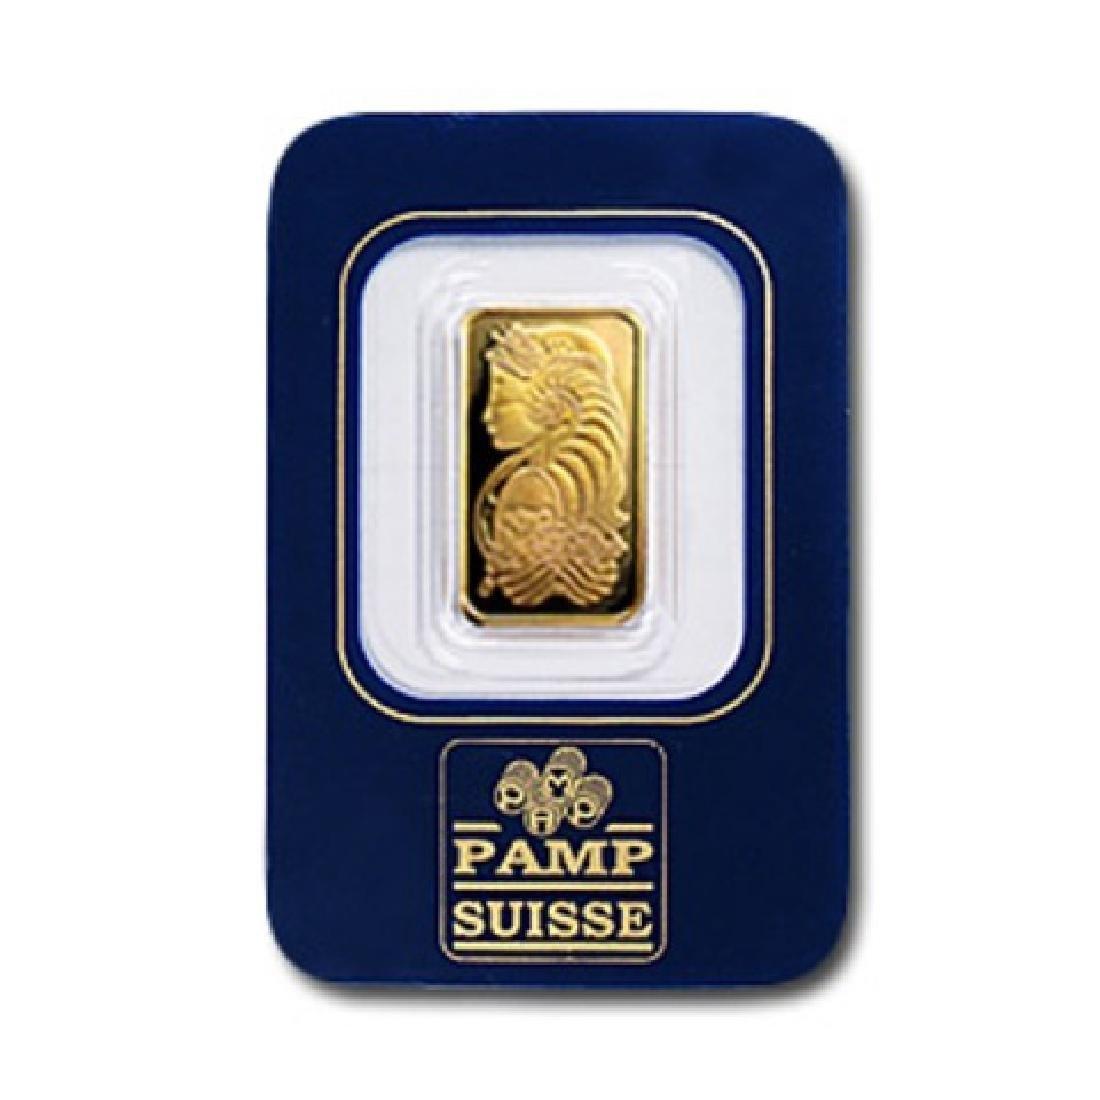 2.5 Gram Pamp Suisse Gold Bar